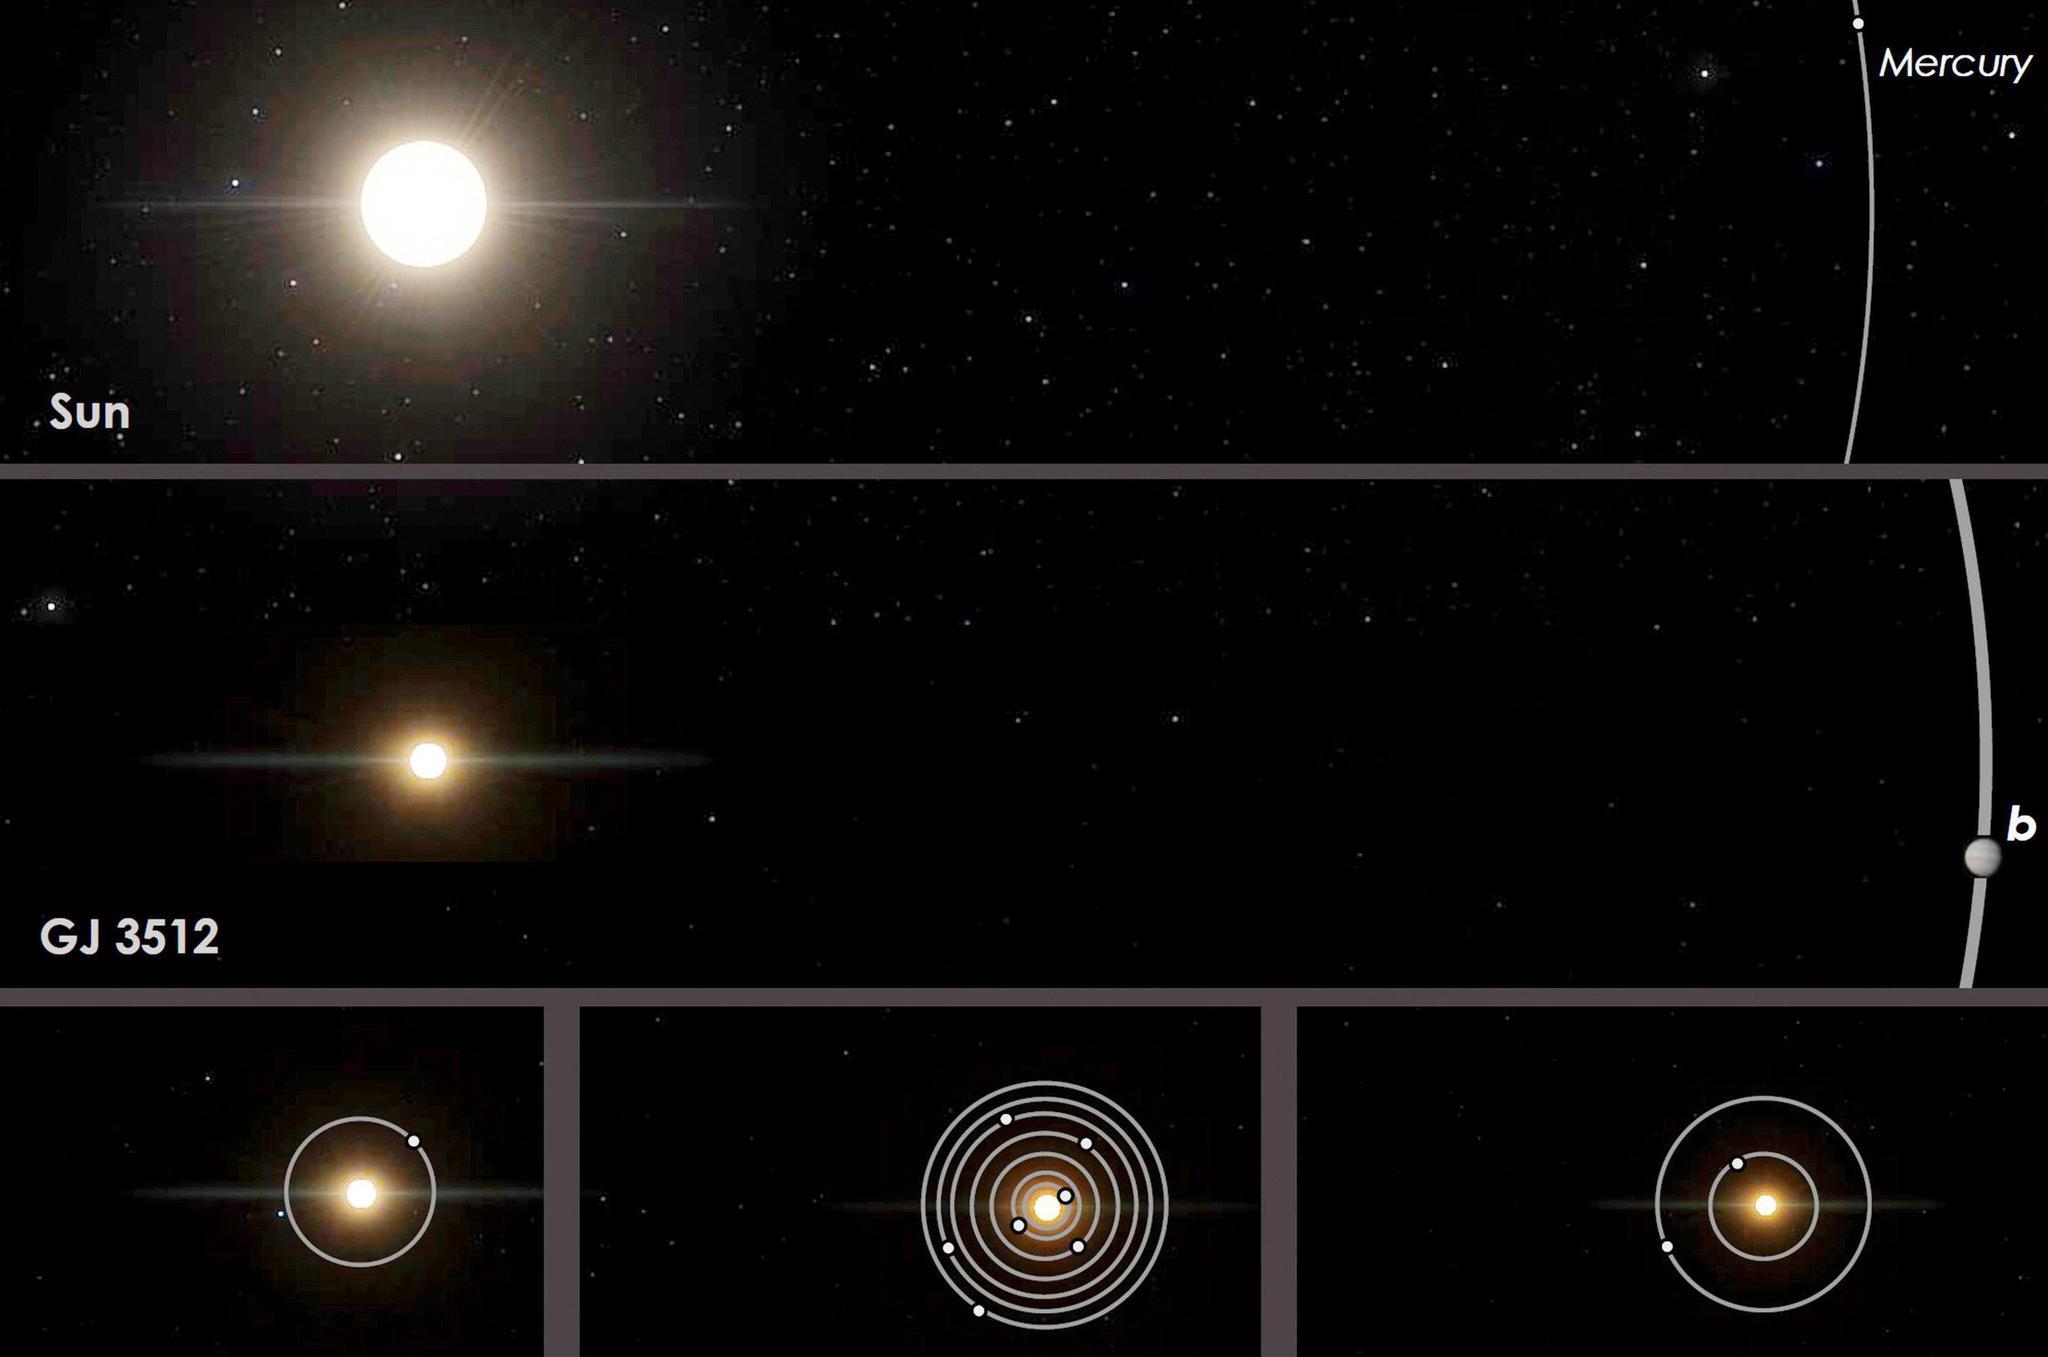 31光年外 巨型世界直接从气体中产生?系外行星气态巨行星太阳系